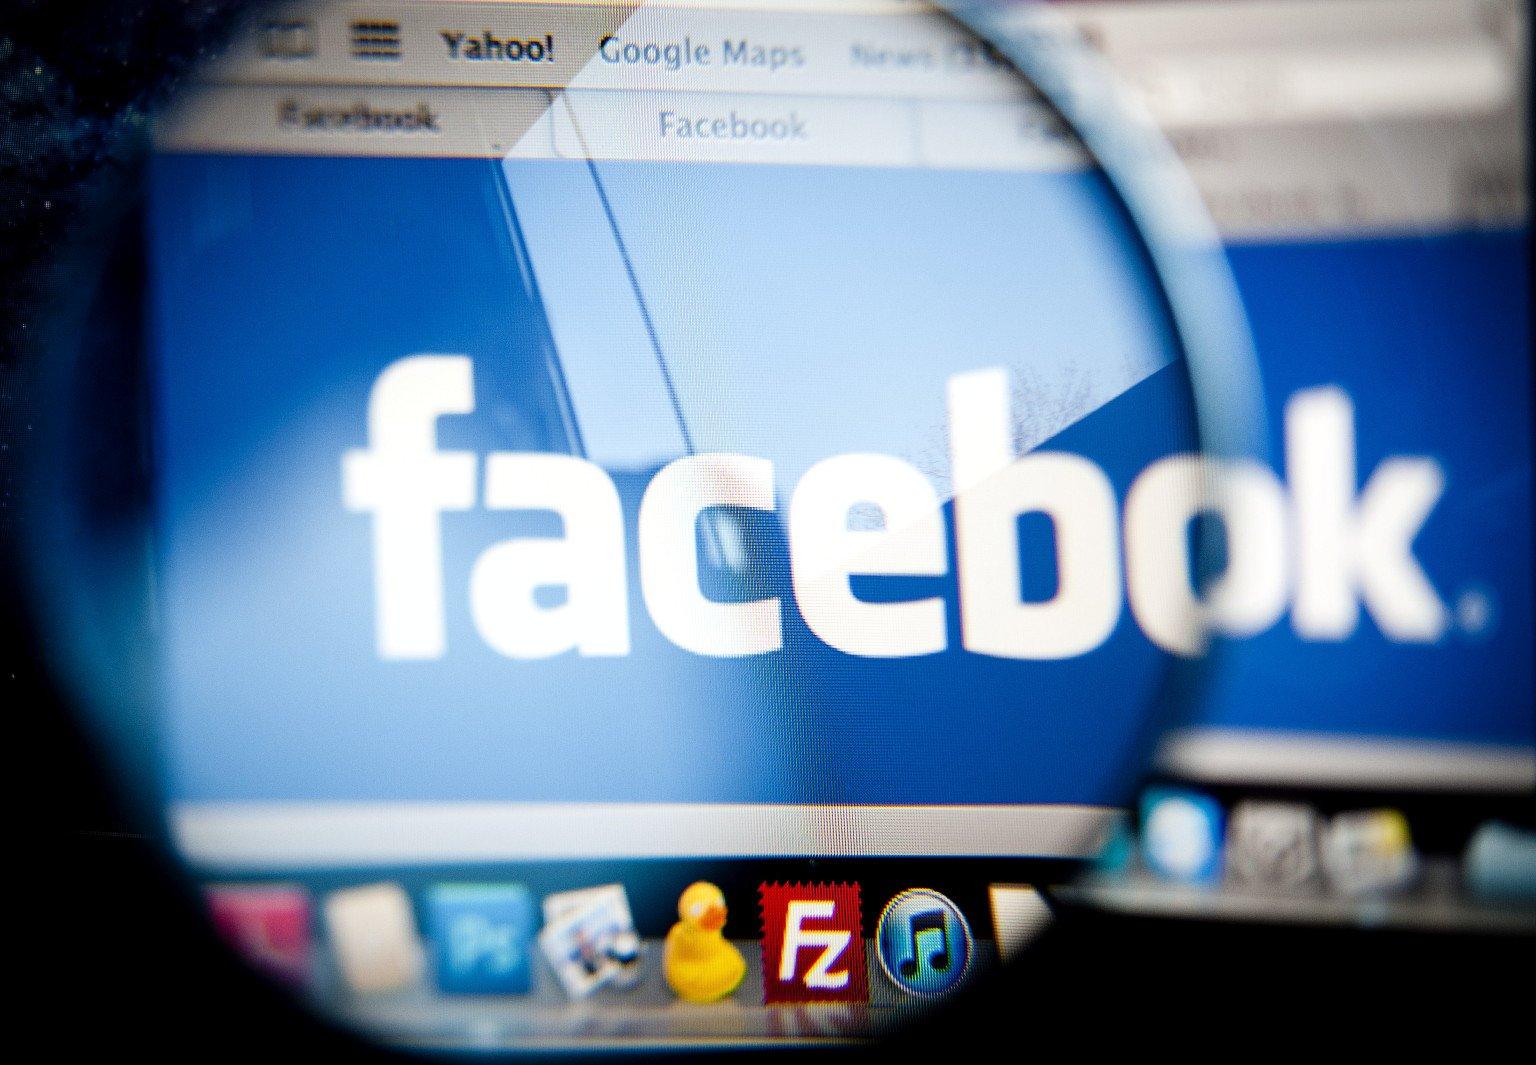 Utenti Facebook… ecco le novità 2016!